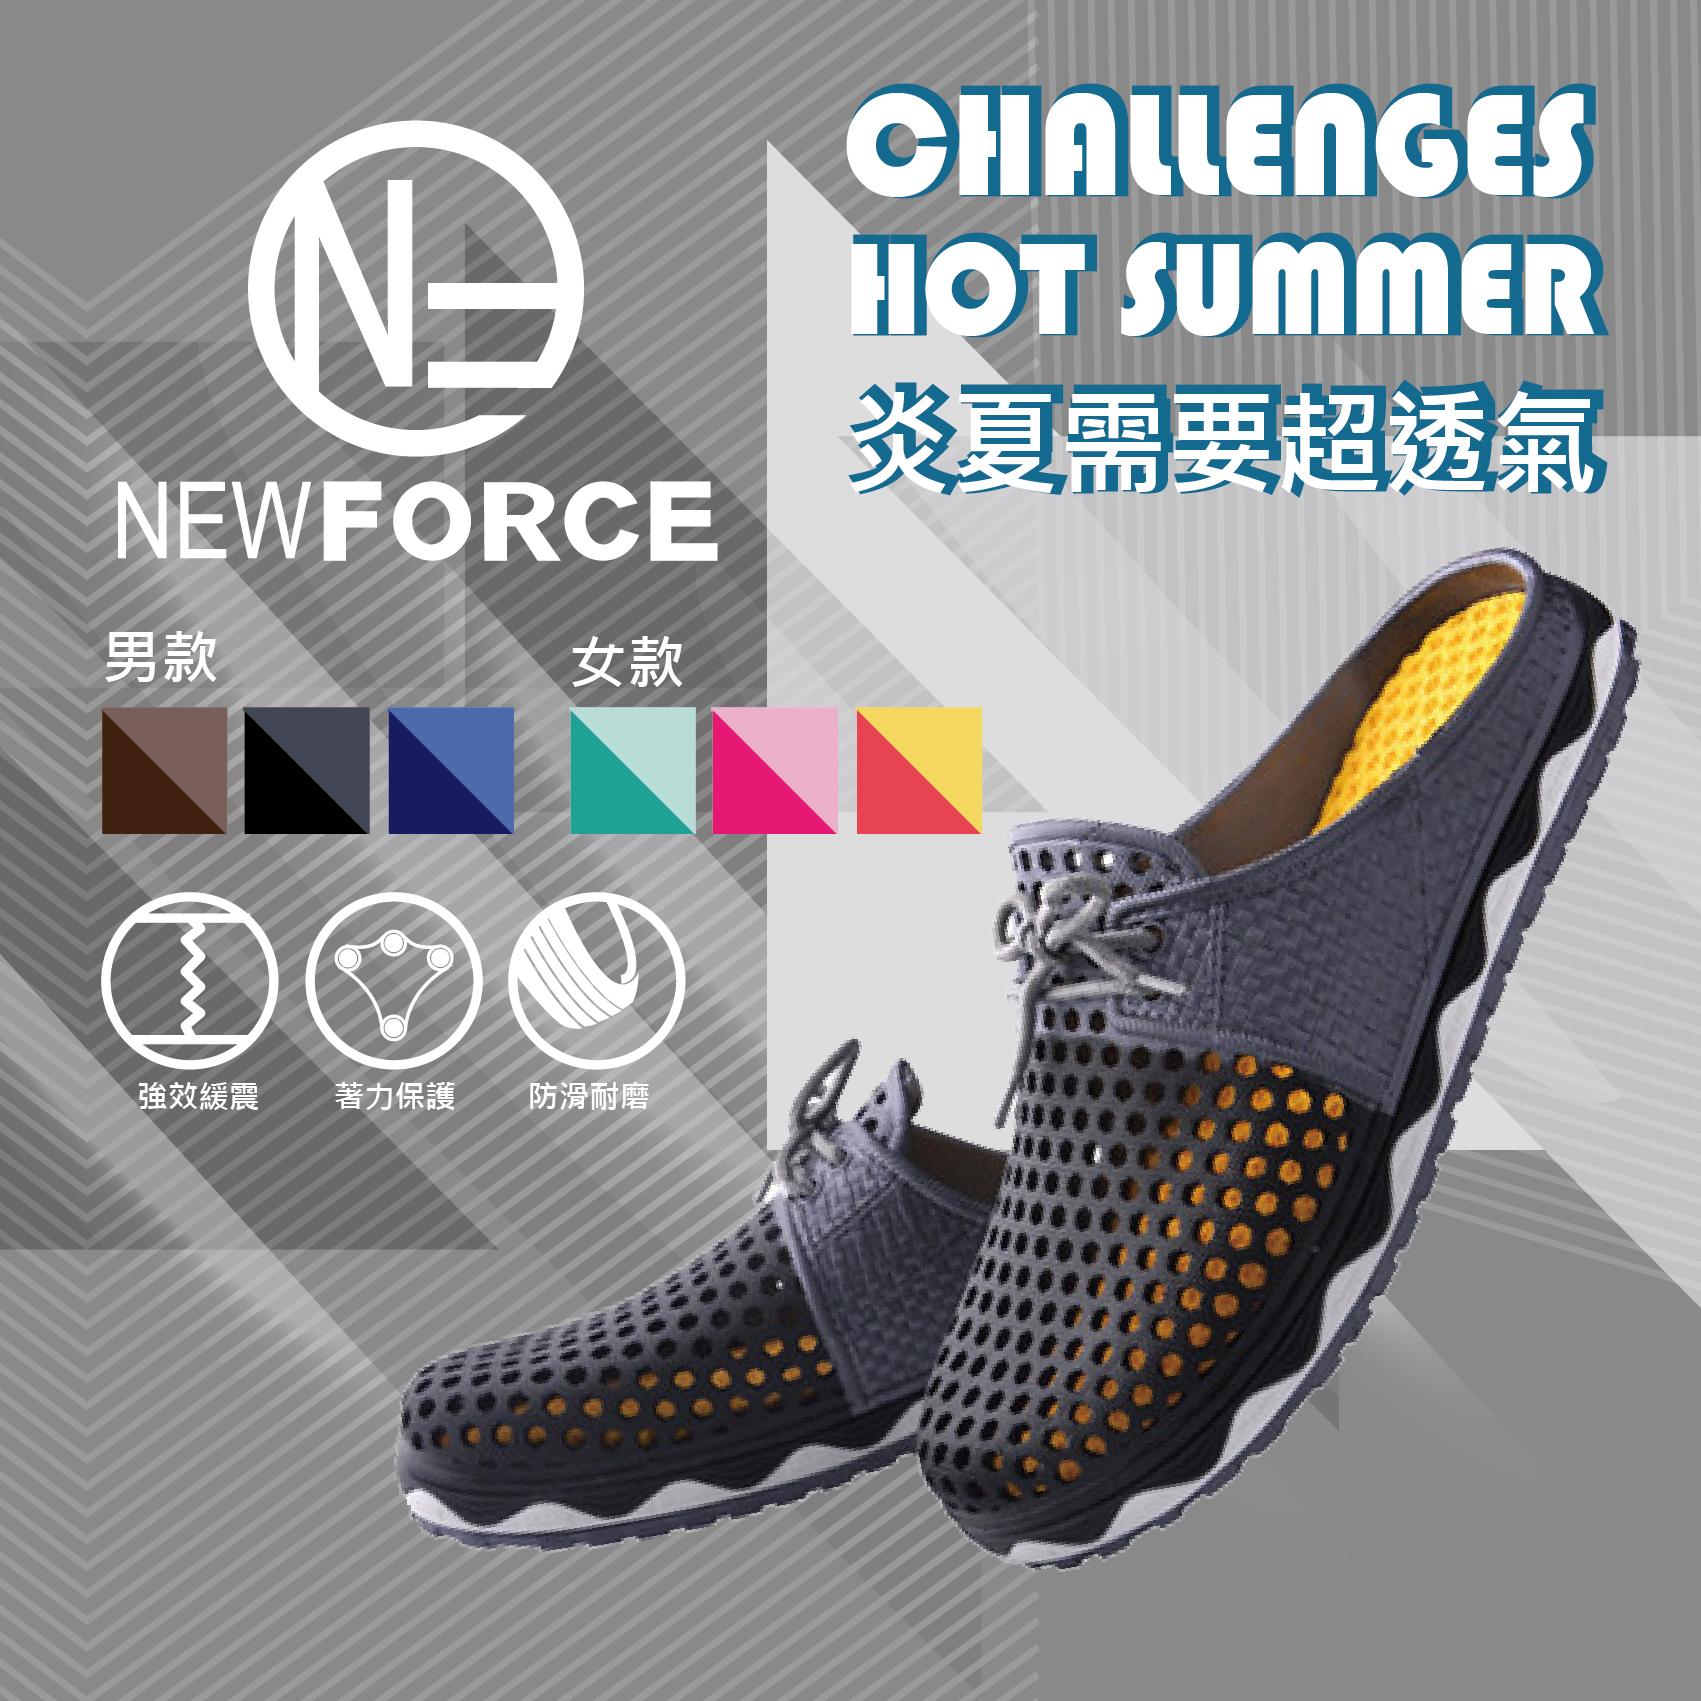 【NEW FORCE】超動感雙色軟Q洞洞鞋- 男款/3色可選【 6010107】